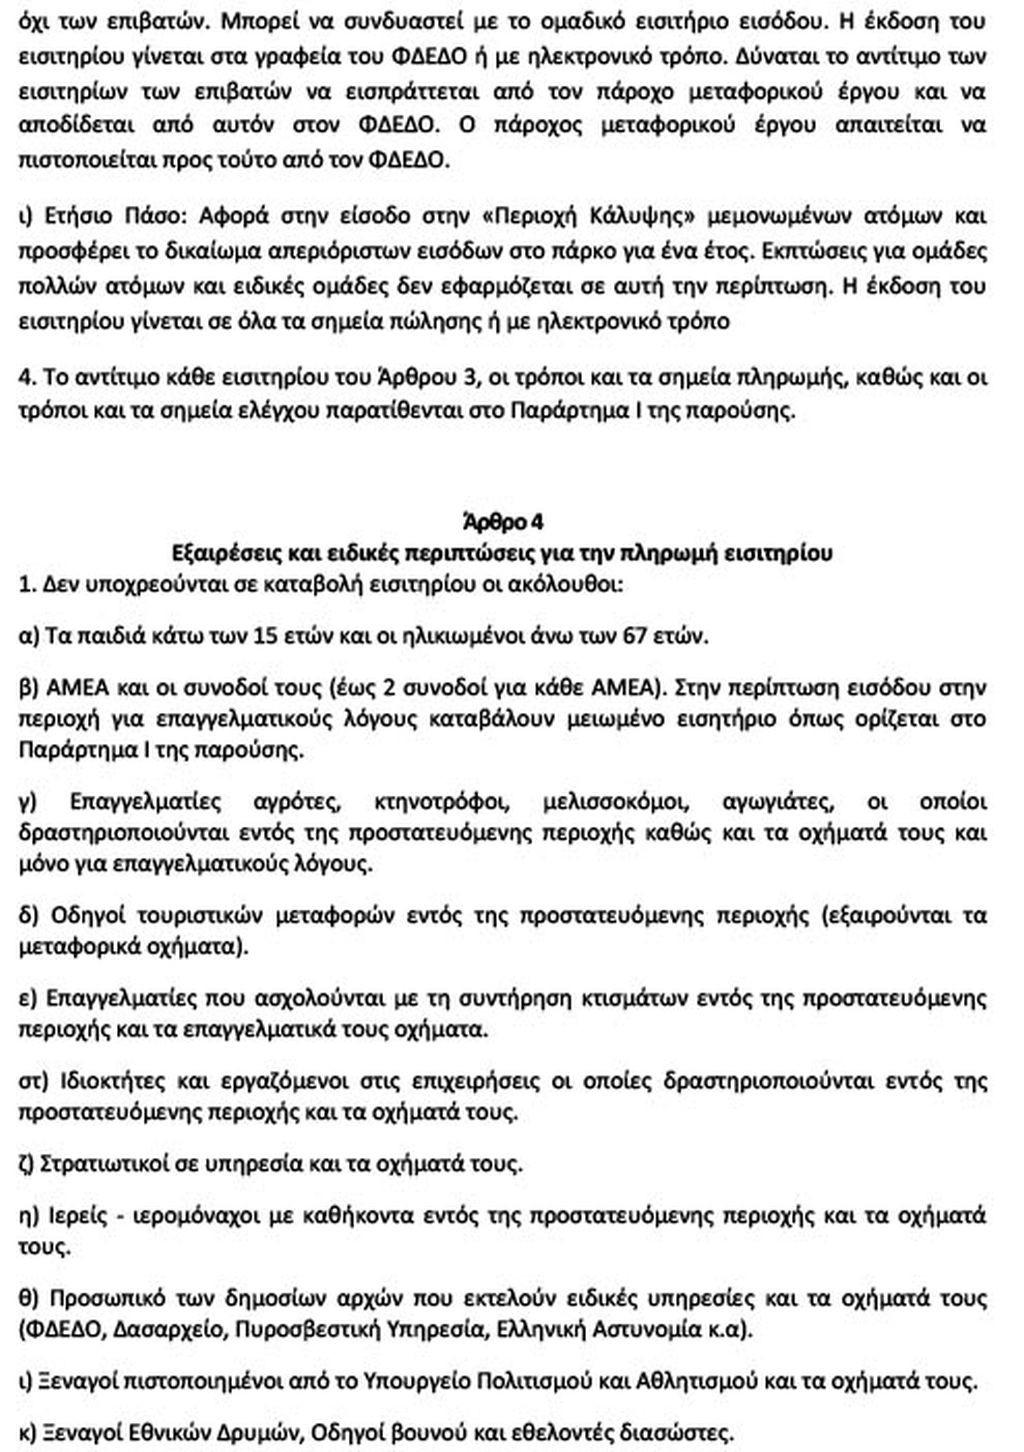 apofasi-eisitirio-olympos4.jpg